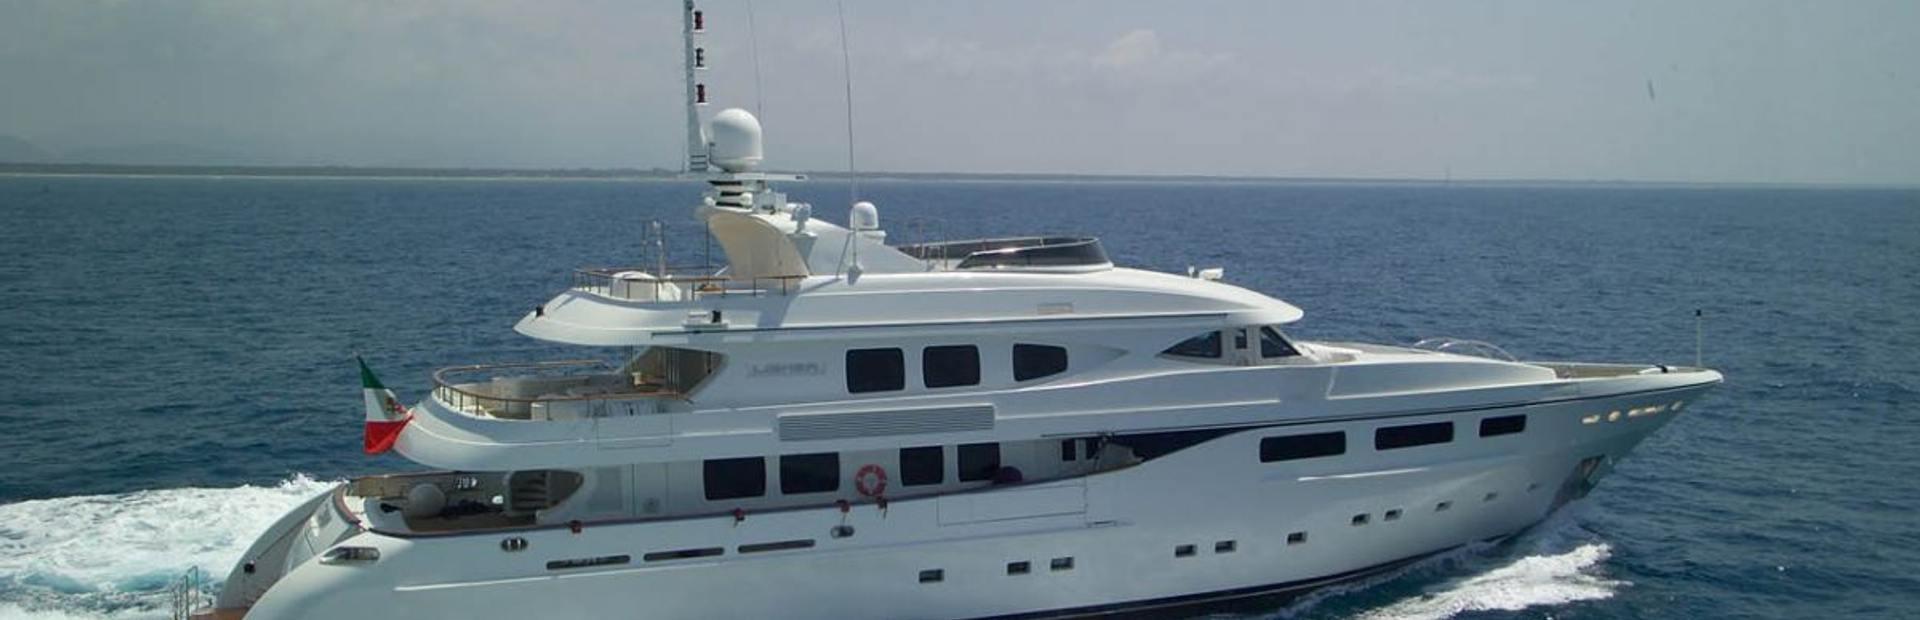 Maiora 43 Yacht Charter